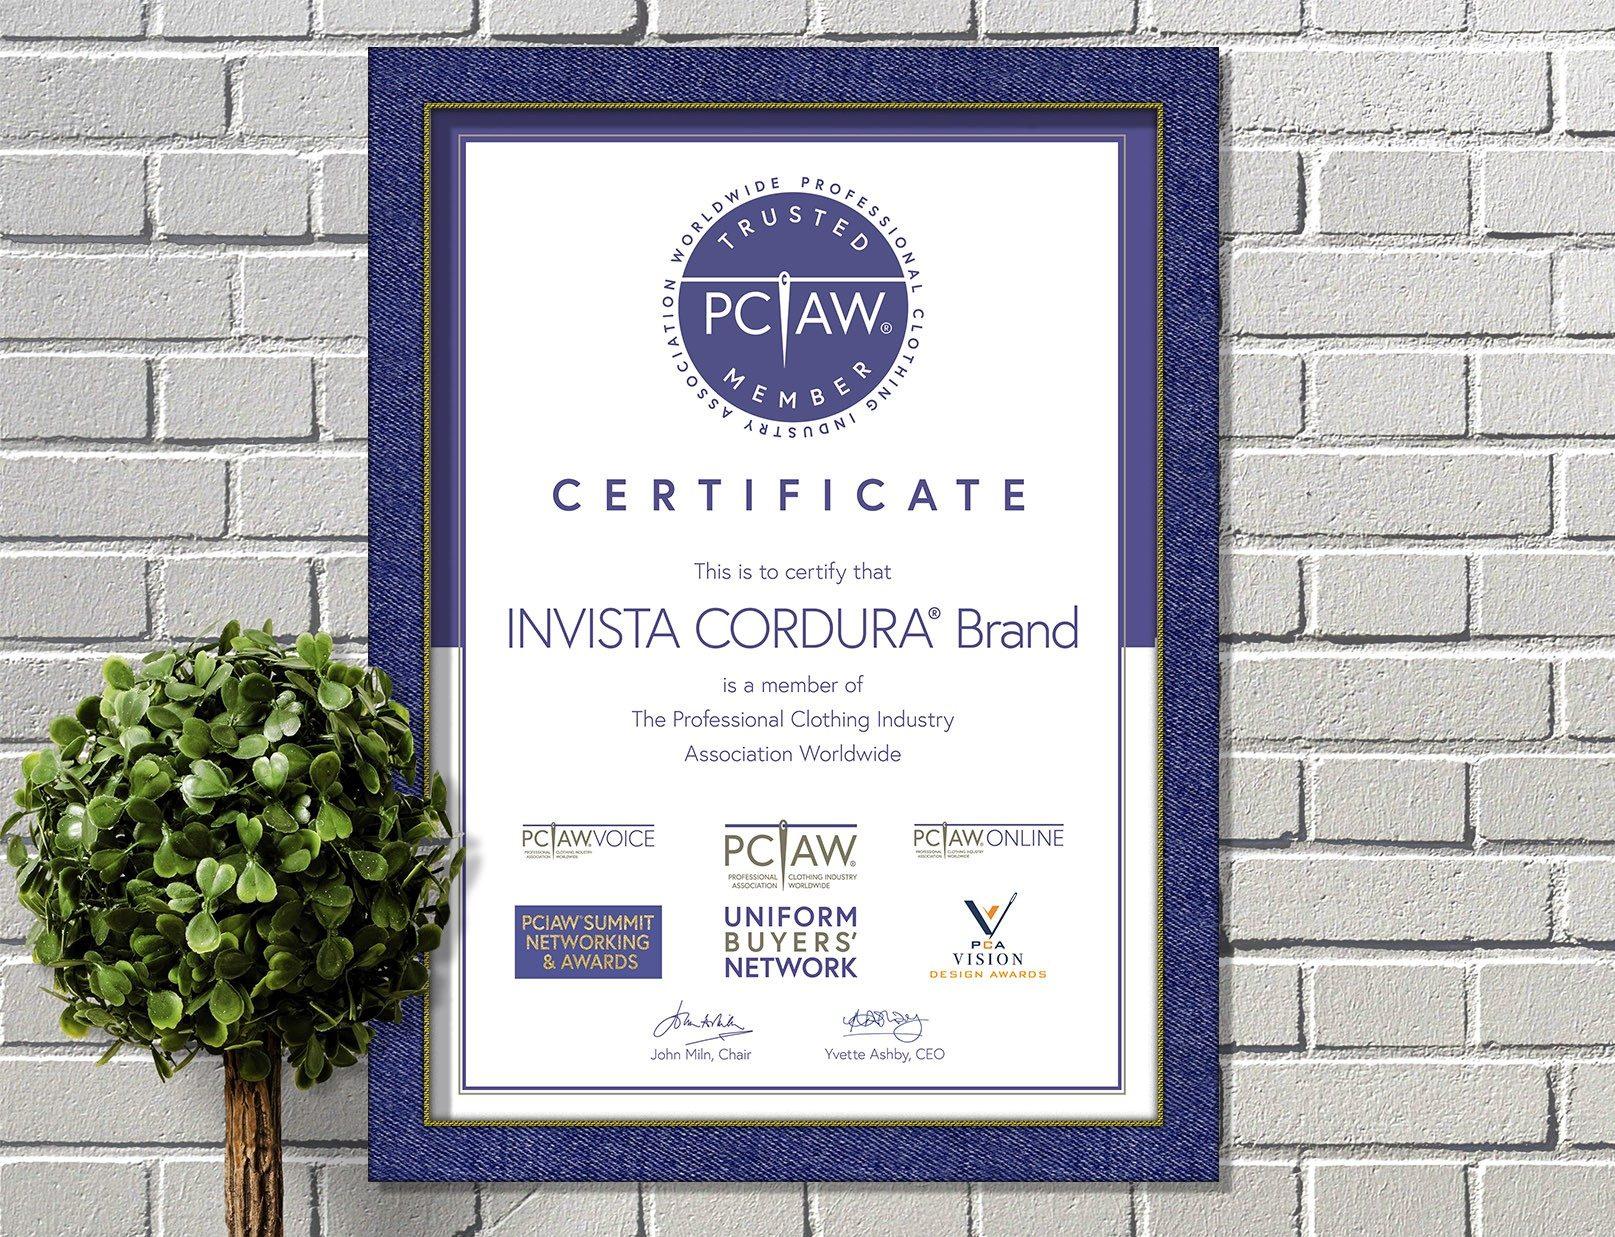 INVISTA CORDURA Brand®